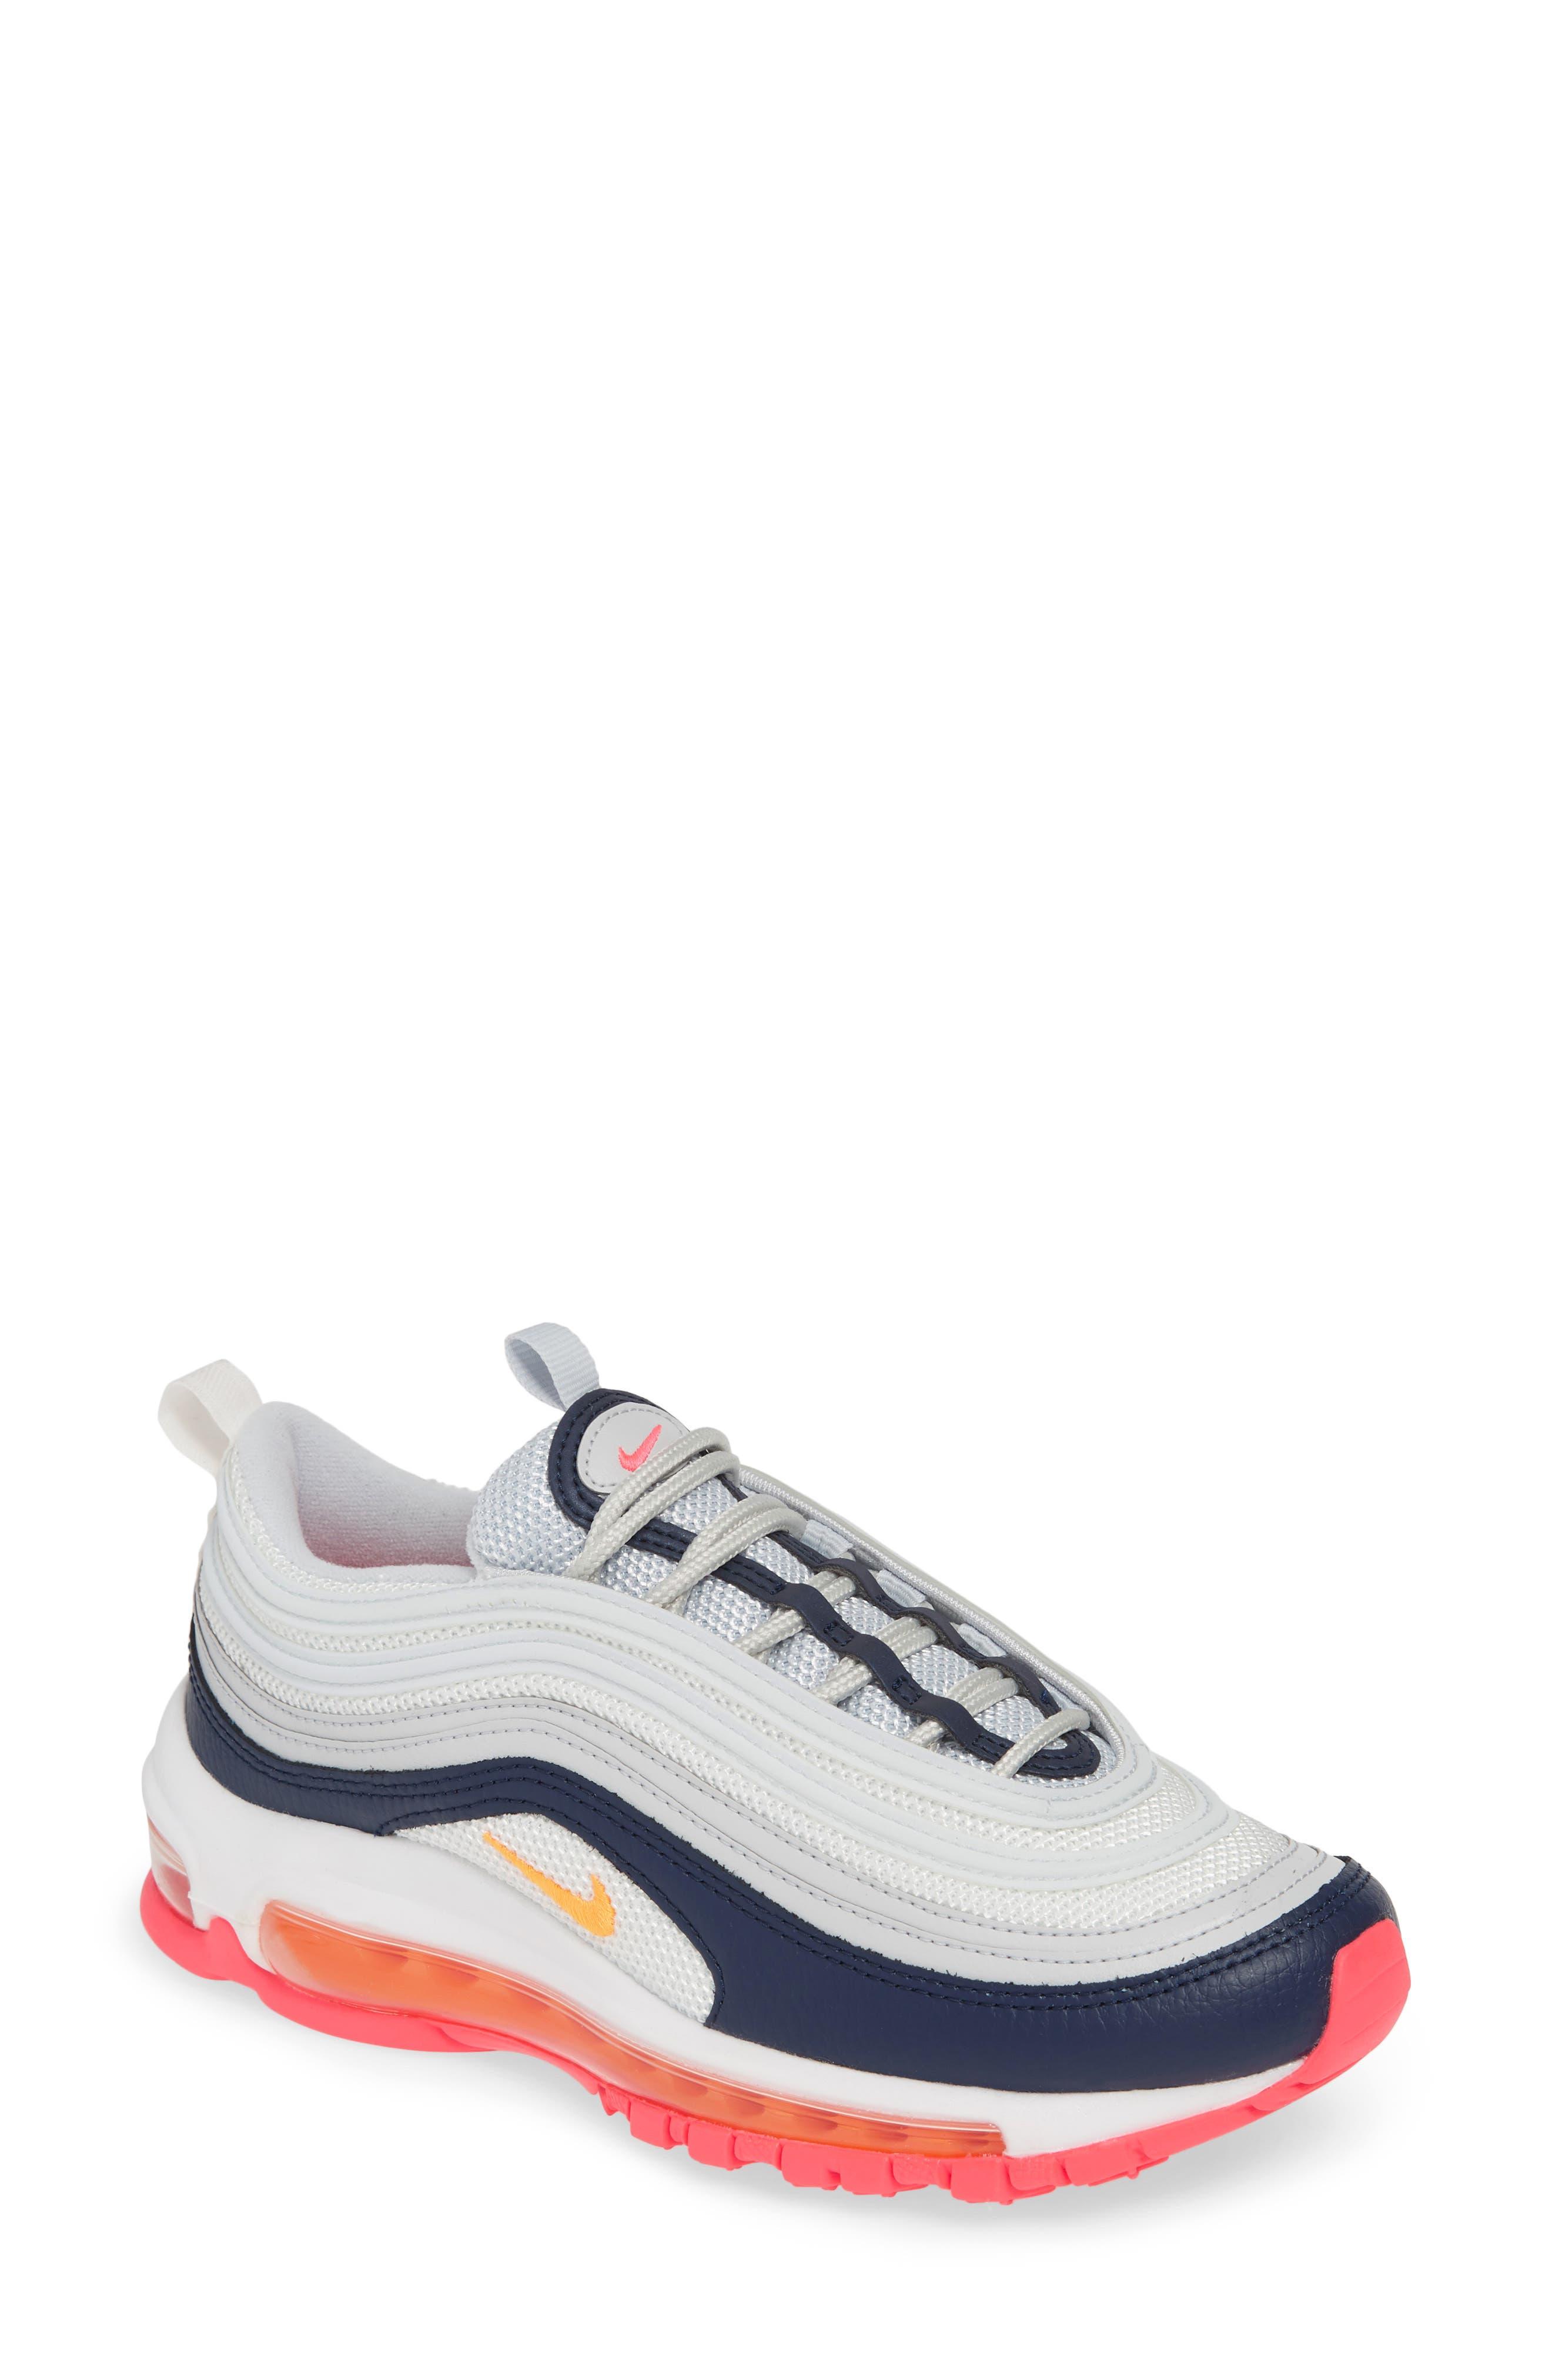 NIKE Air Max 97 Sneaker, Main, color, PLATINUM/ LASER ORANGE/ NAVY